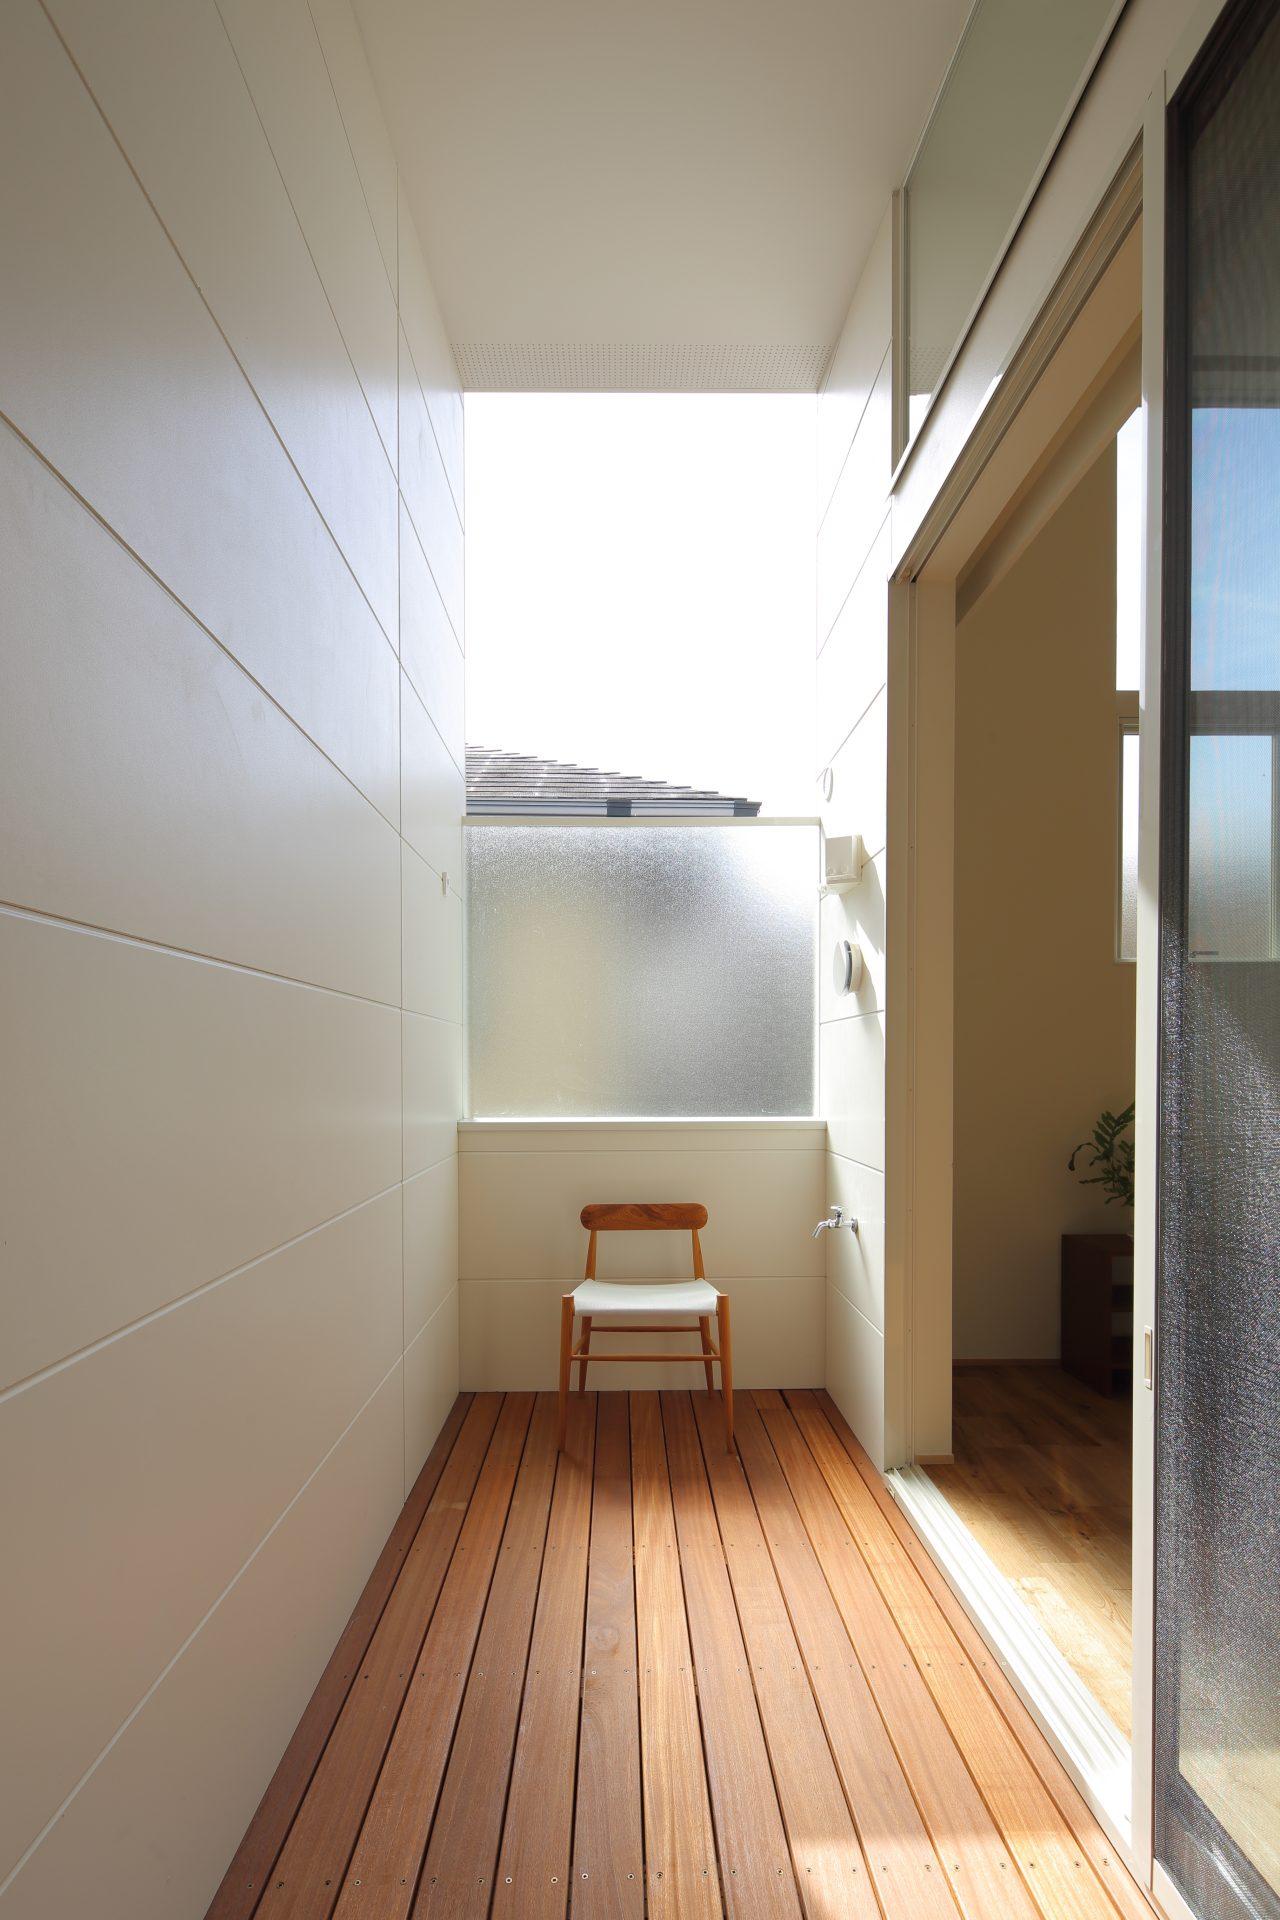 大阪玉串元町アパートメントのバルコニー02